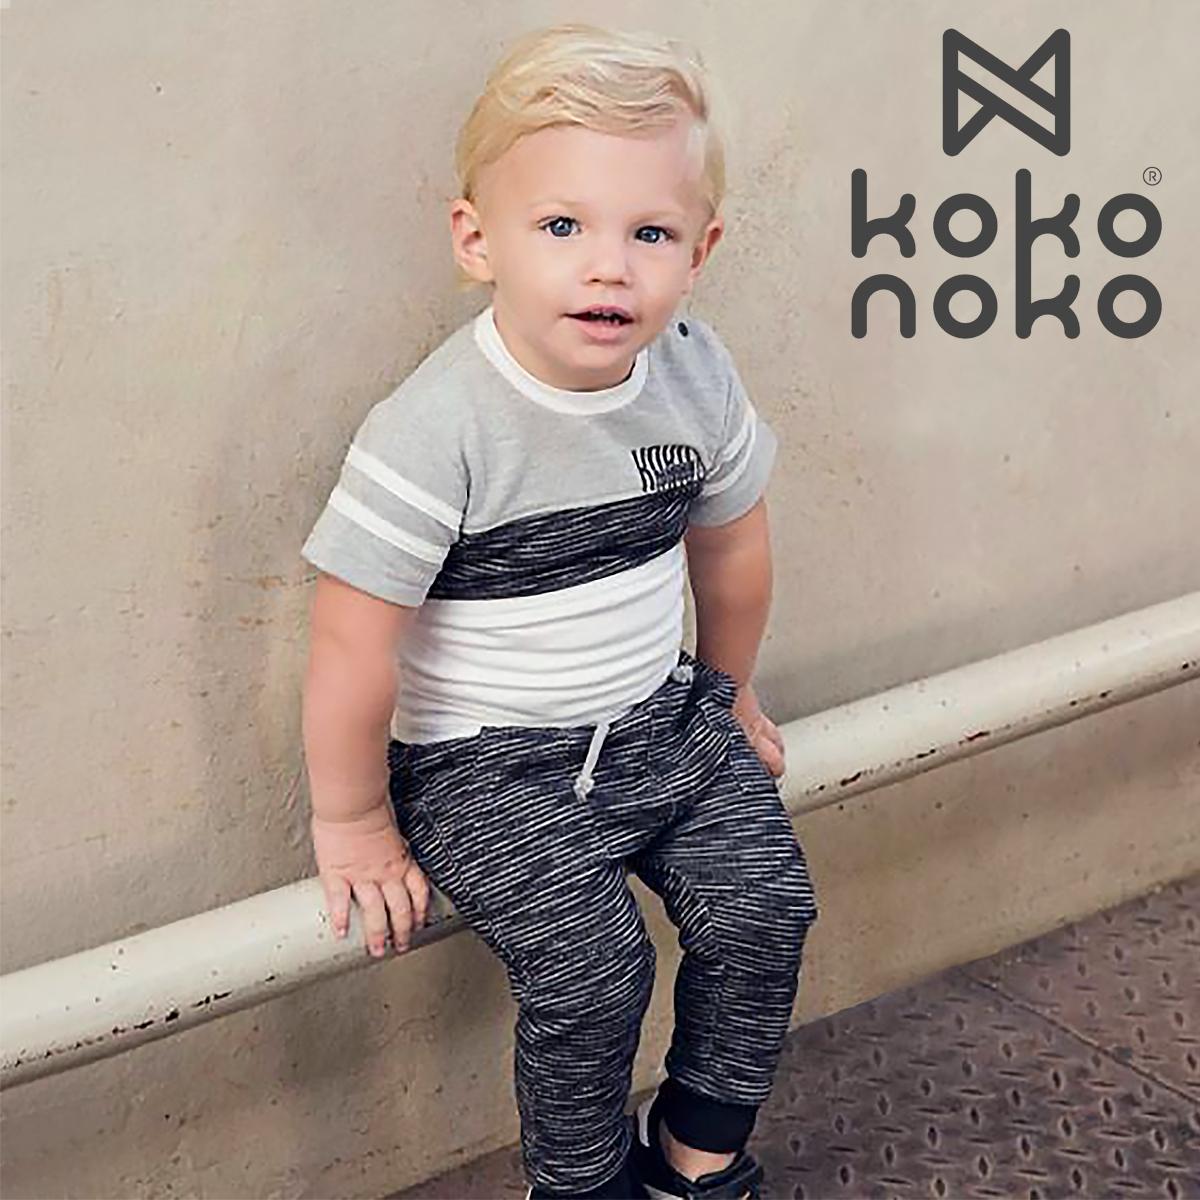 Koko Noko kinderkleding jongen